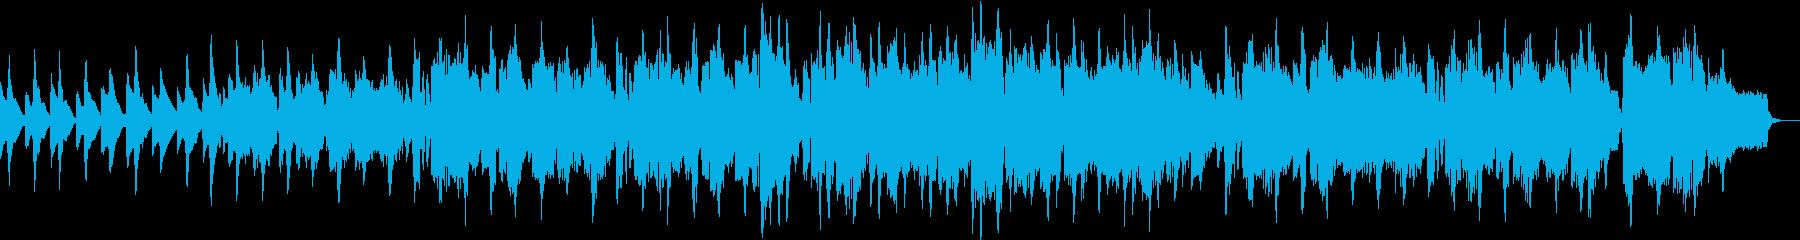 リコーダーが特徴的な中世風楽曲の再生済みの波形